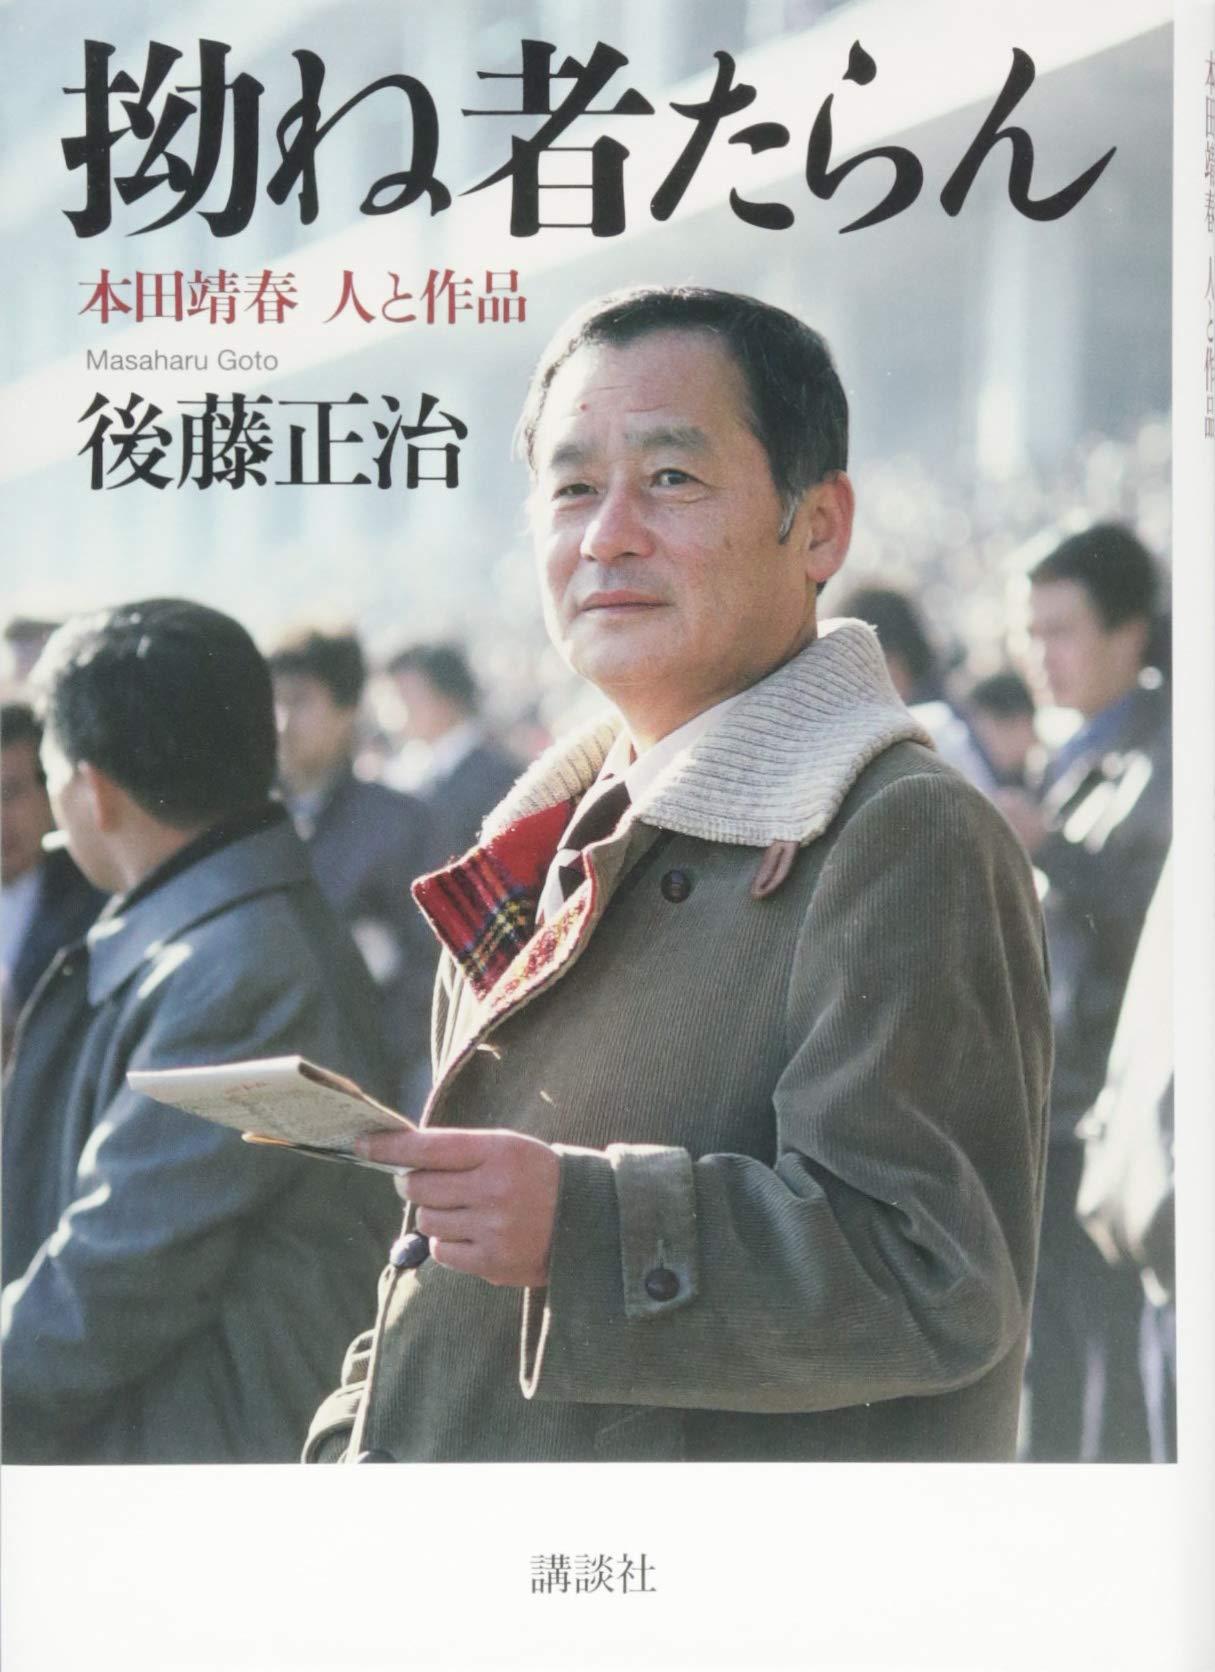 後藤 正治(Masaharu Goto)Wikipediaより